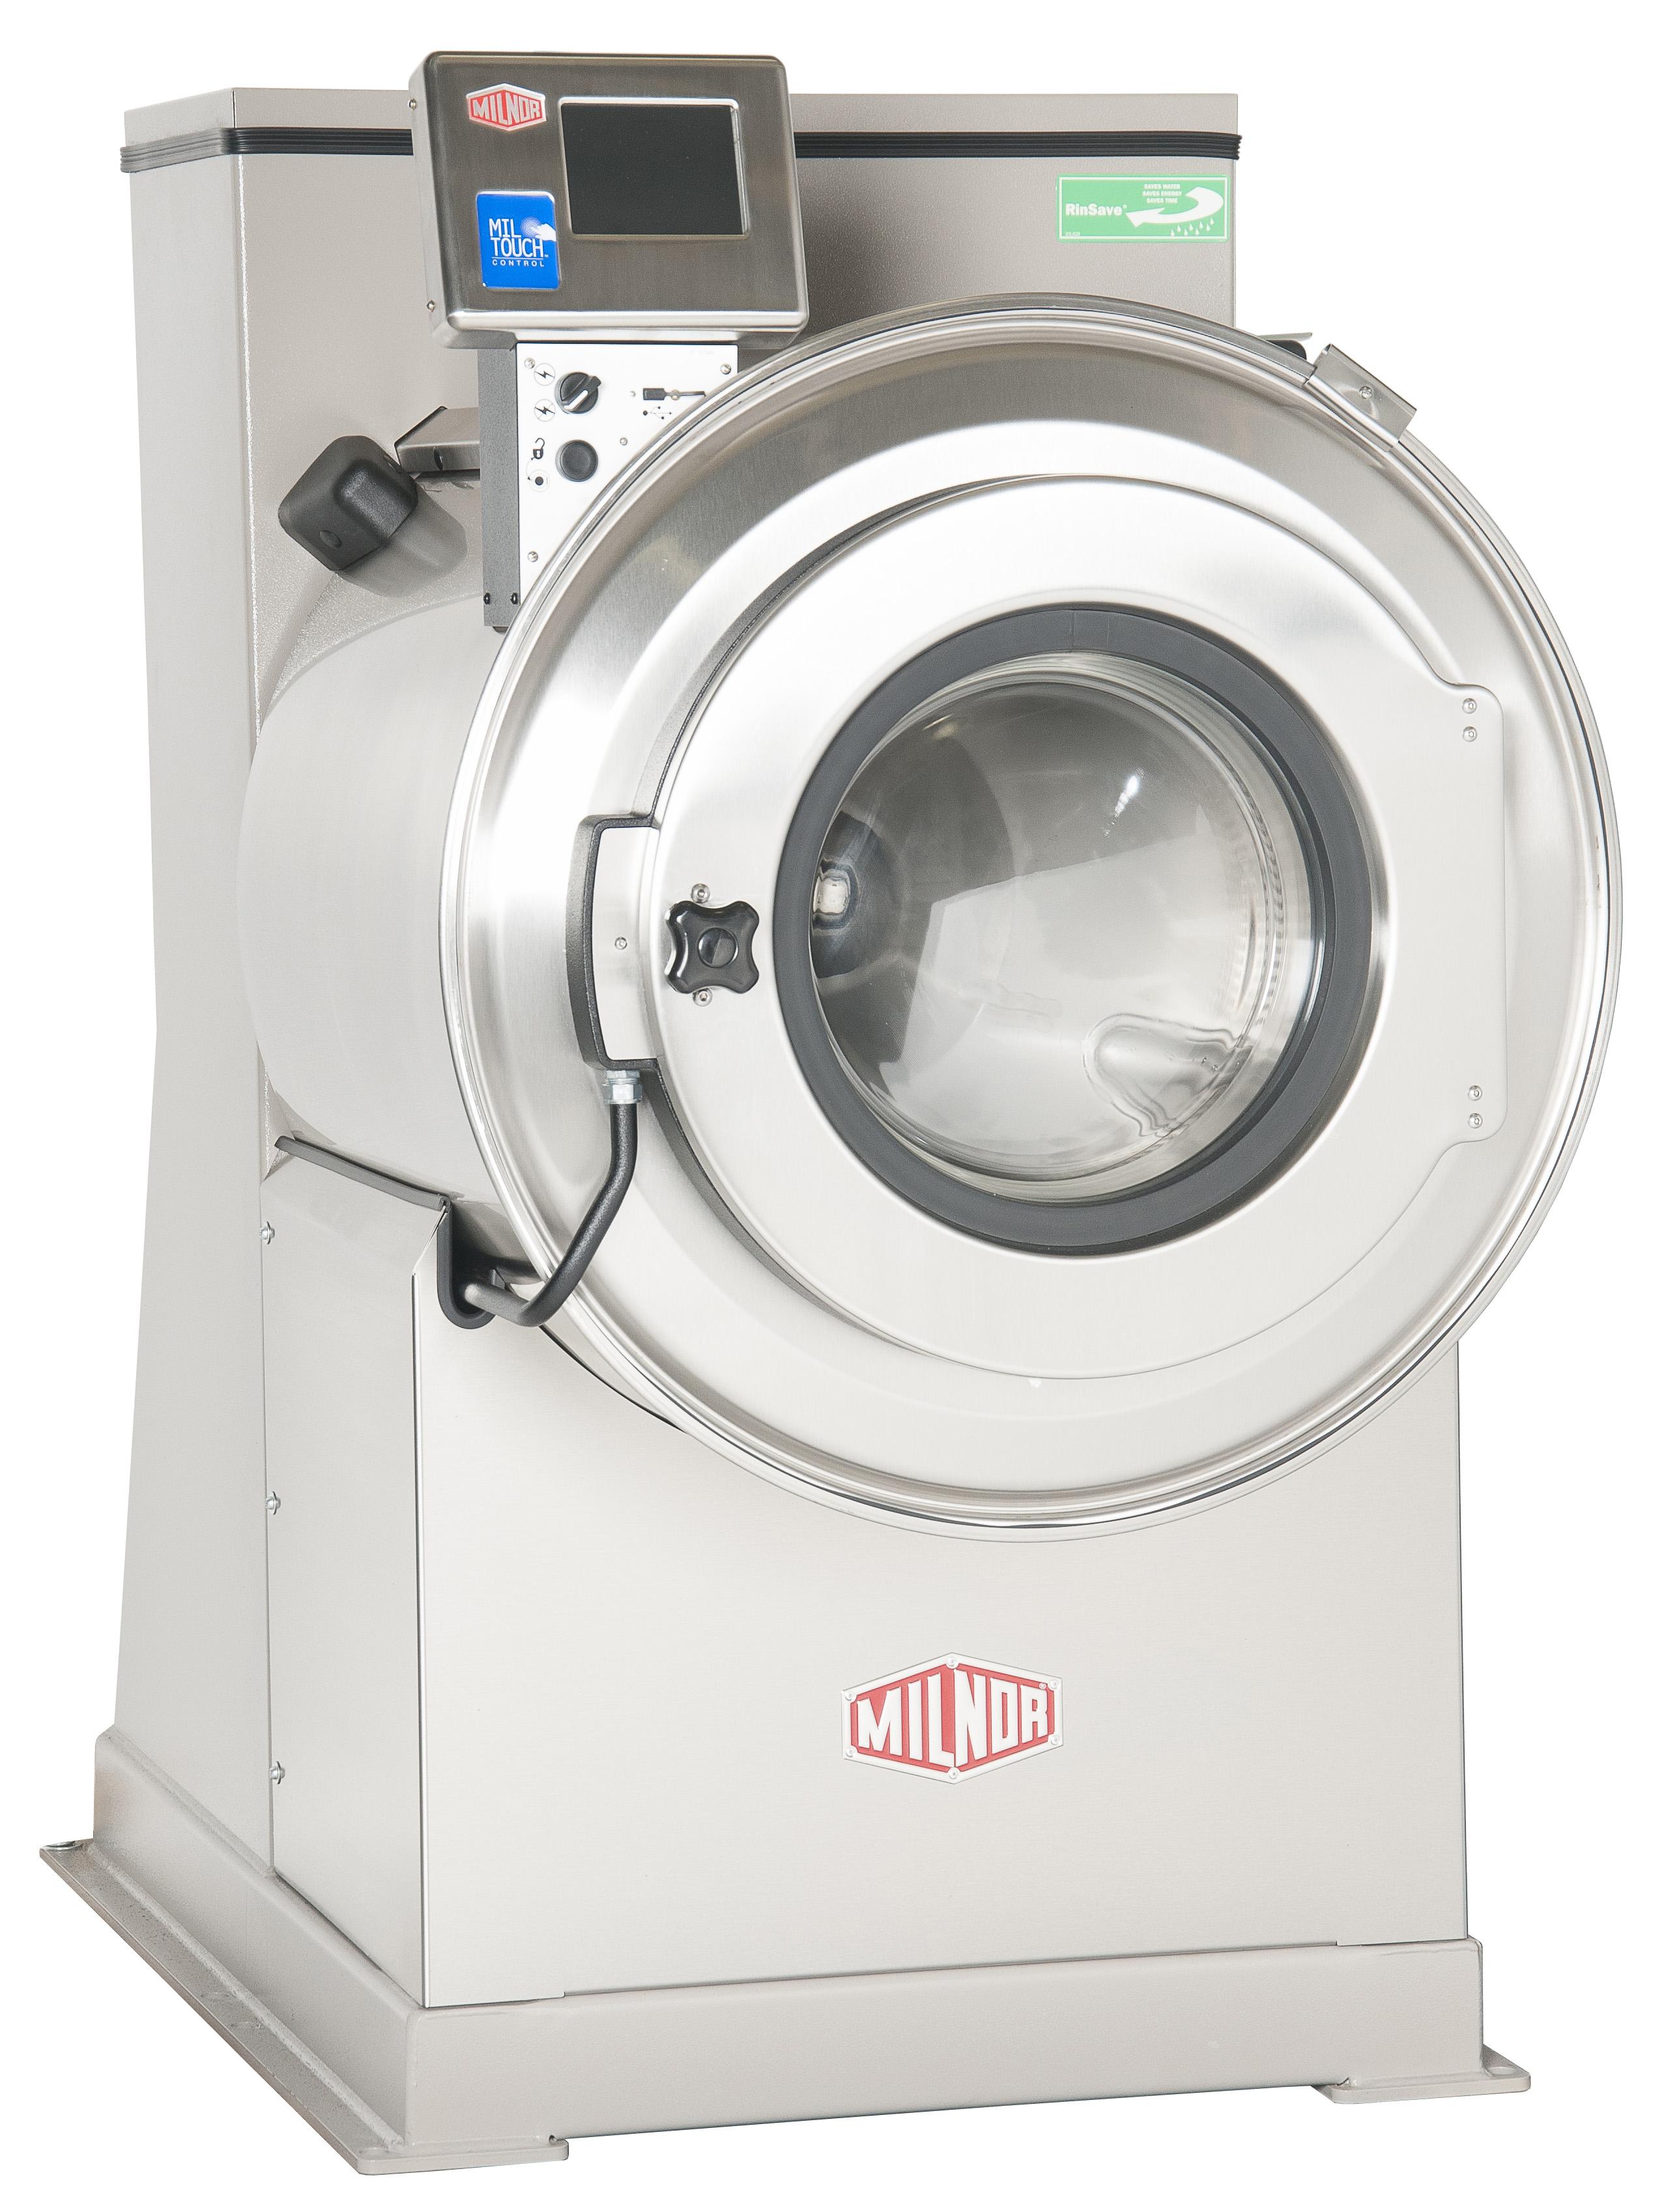 30022v8z Pellerin Milnor Corporation